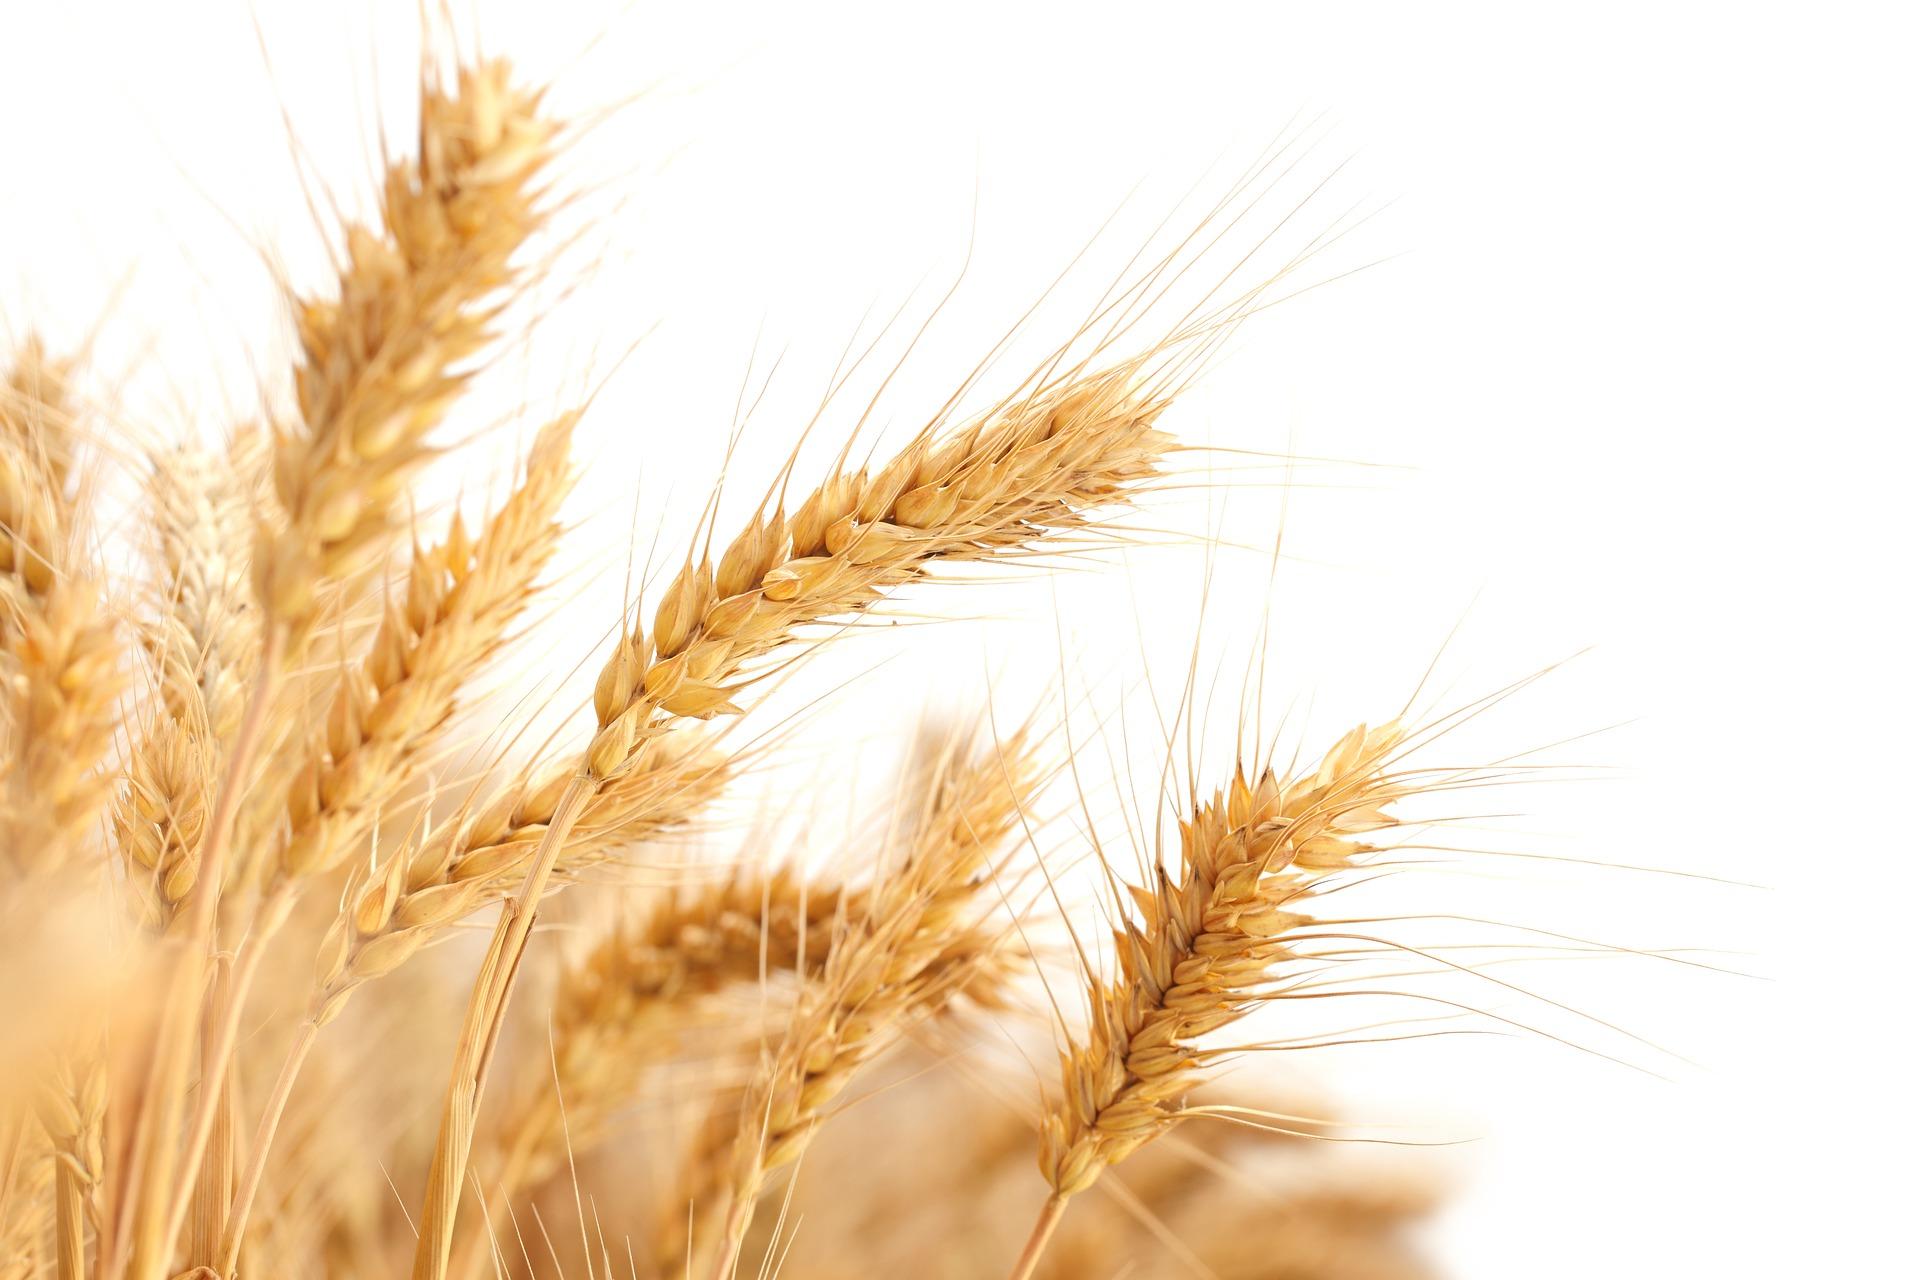 Revue des marchés du 29 Avril 2020 : Le blé